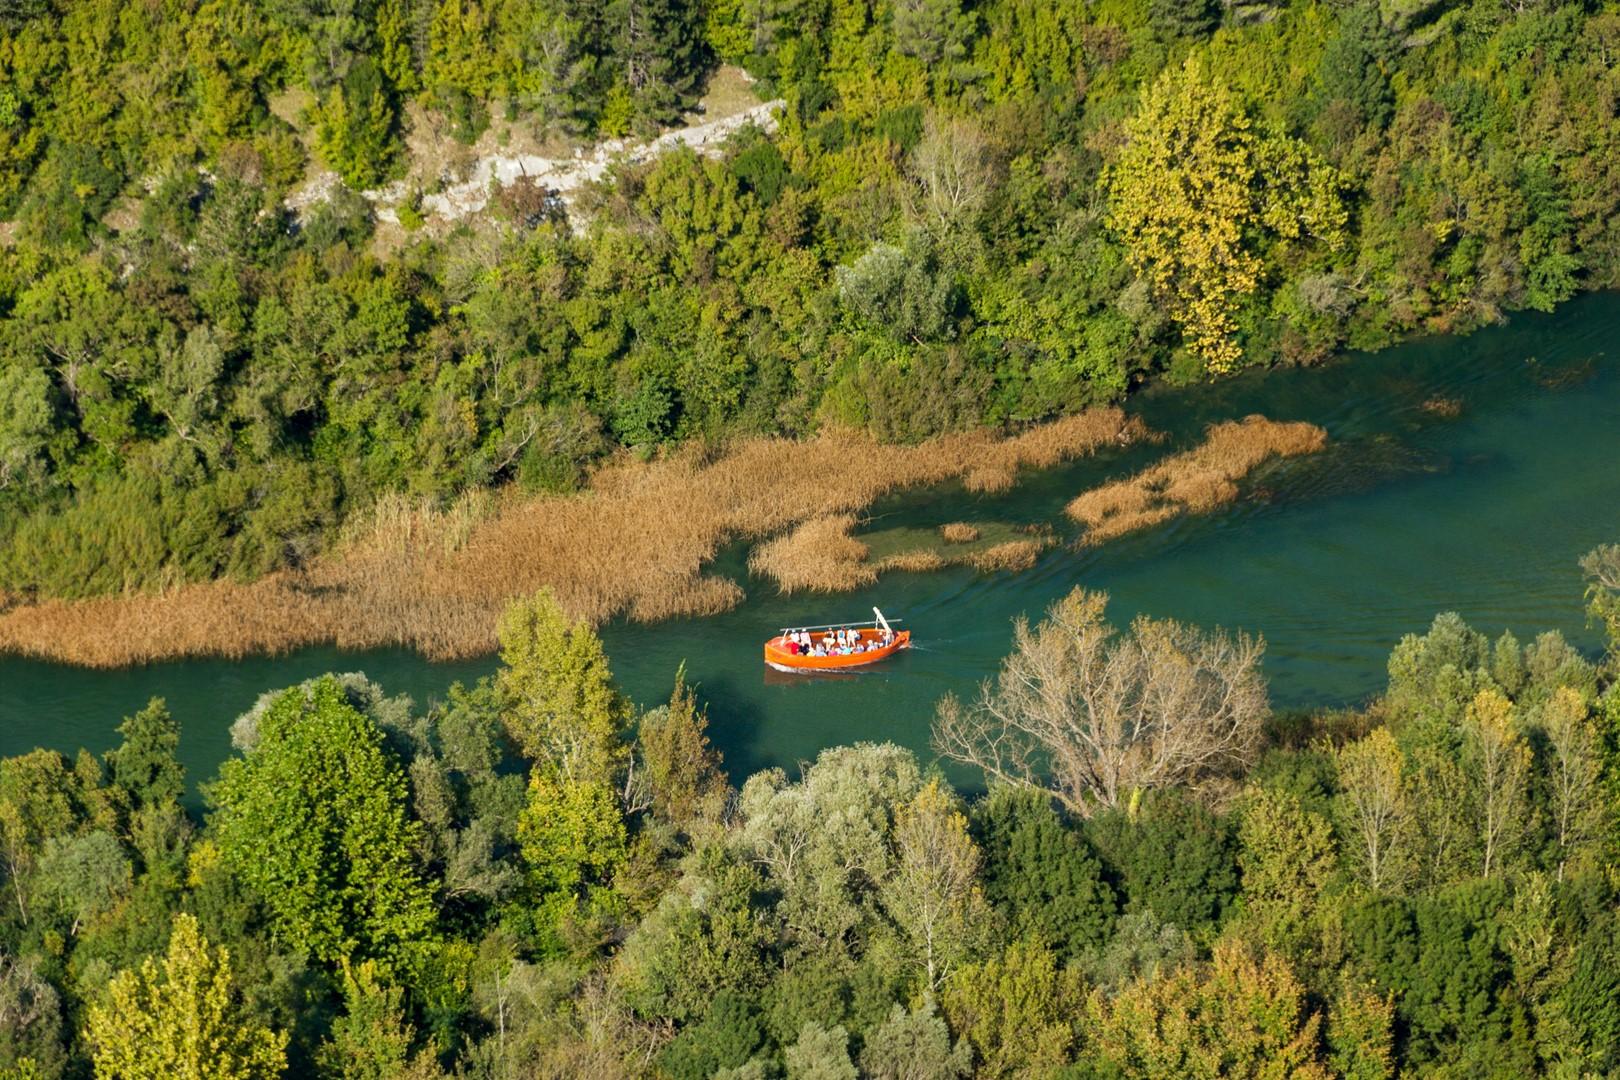 Ferienhaus Privater Pool 3,5 x 8,6 m, überdachter Essbereich im Freien, kostenloses WLAN, voll - klim (2663850), Kostanje, , Dalmatien, Kroatien, Bild 38